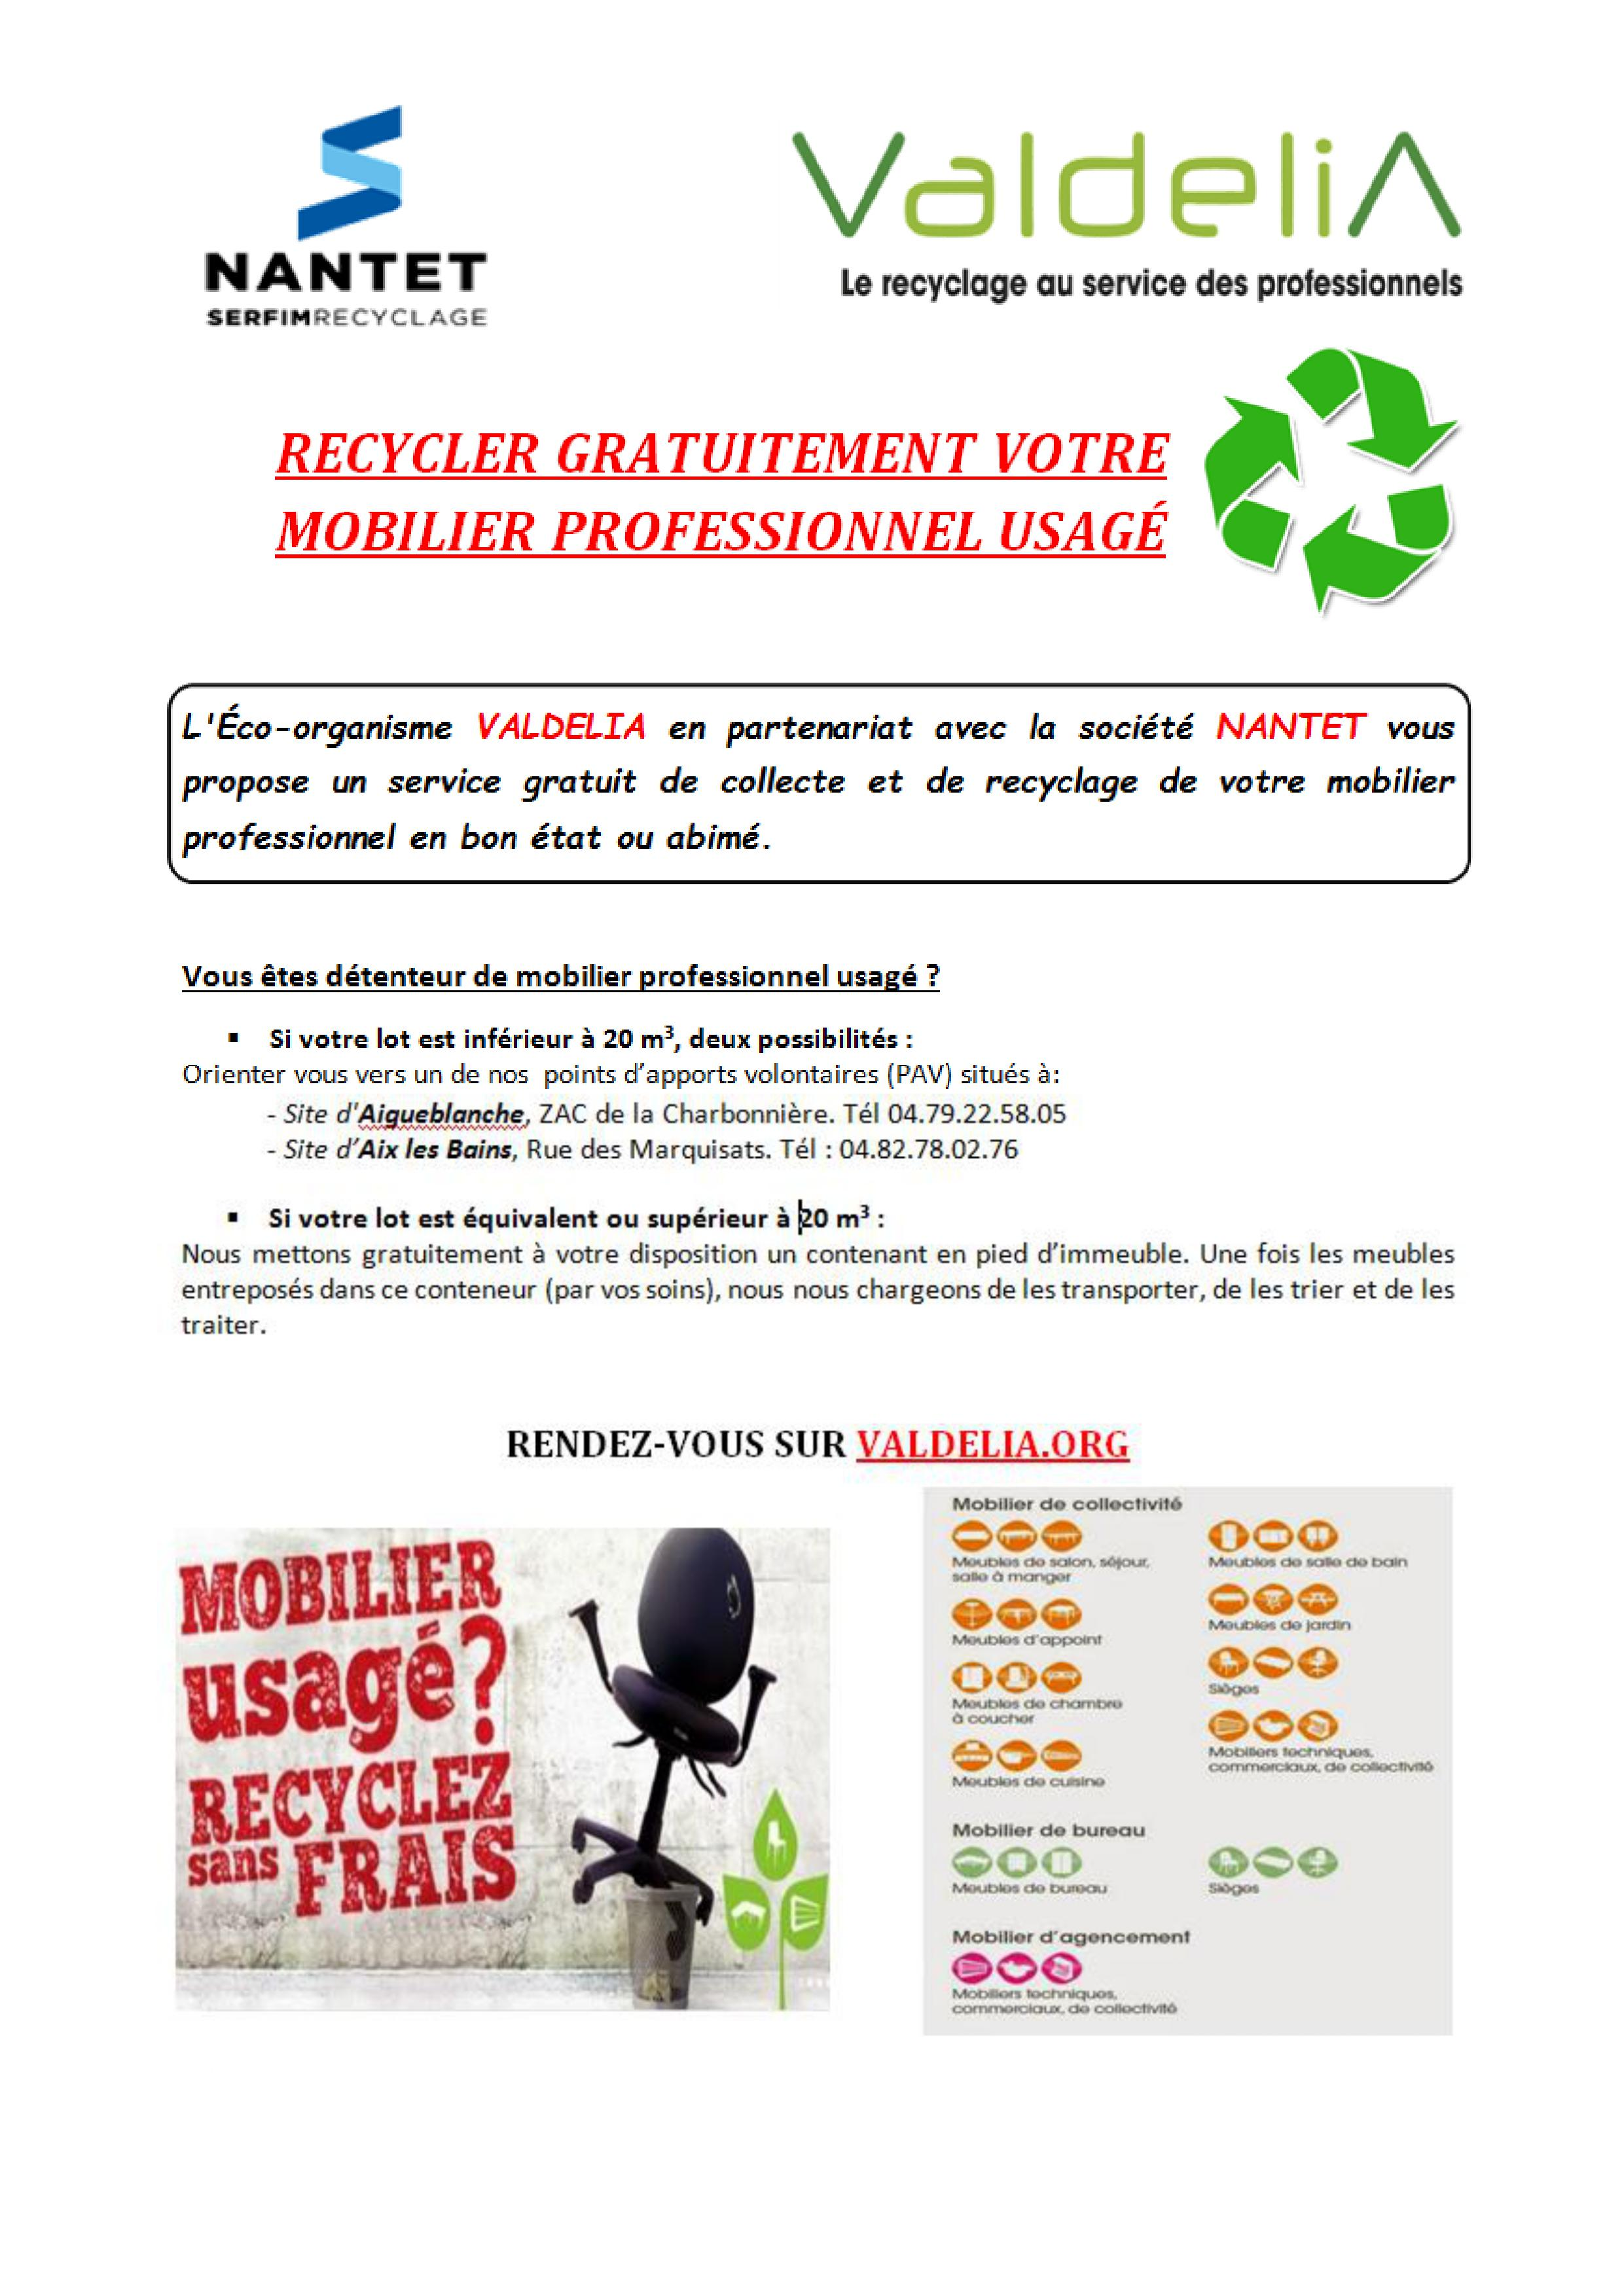 Valdelia - recycler gratuitement mobilier pro.jpg